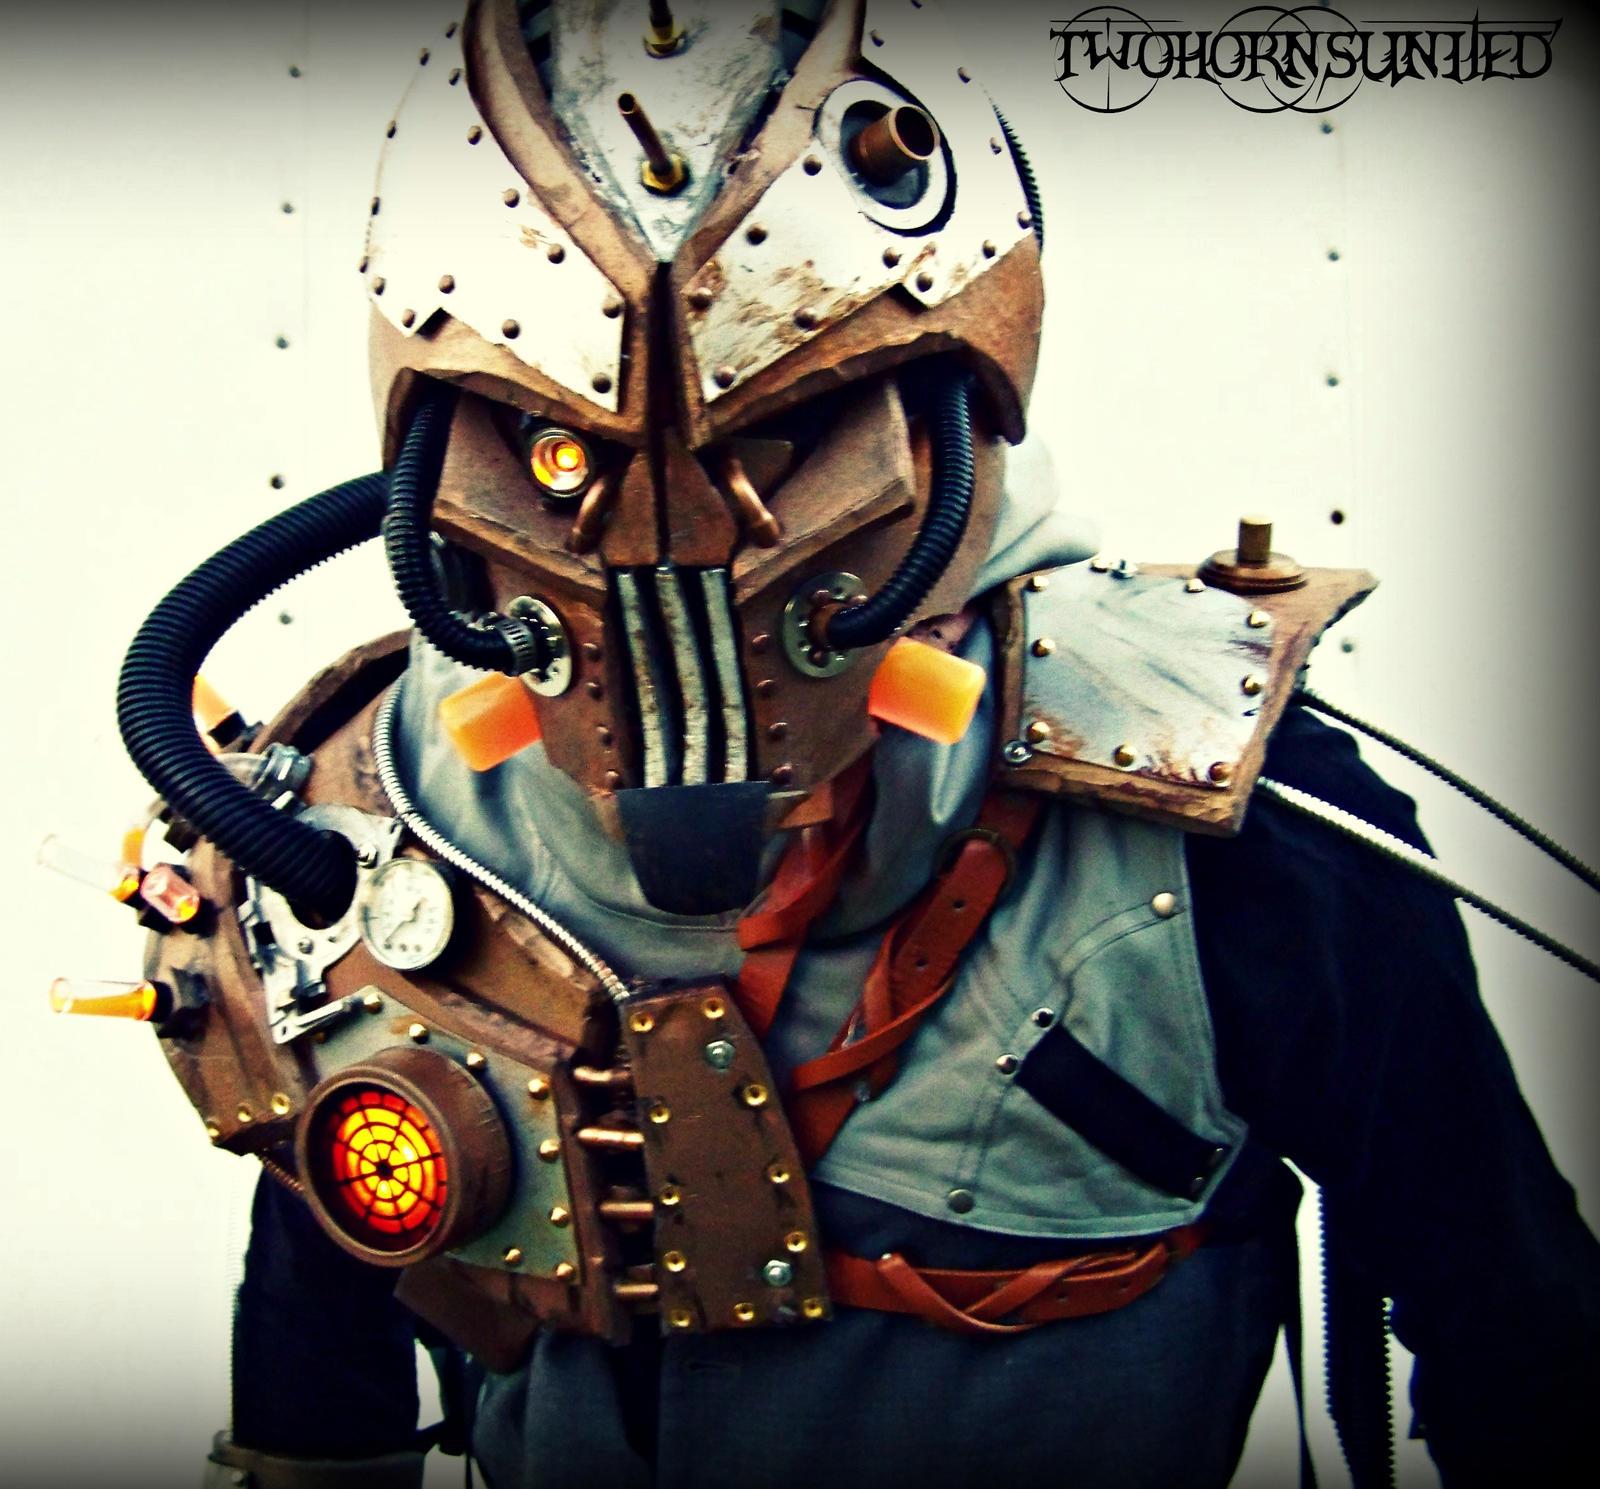 biopunk clothing - photo #2